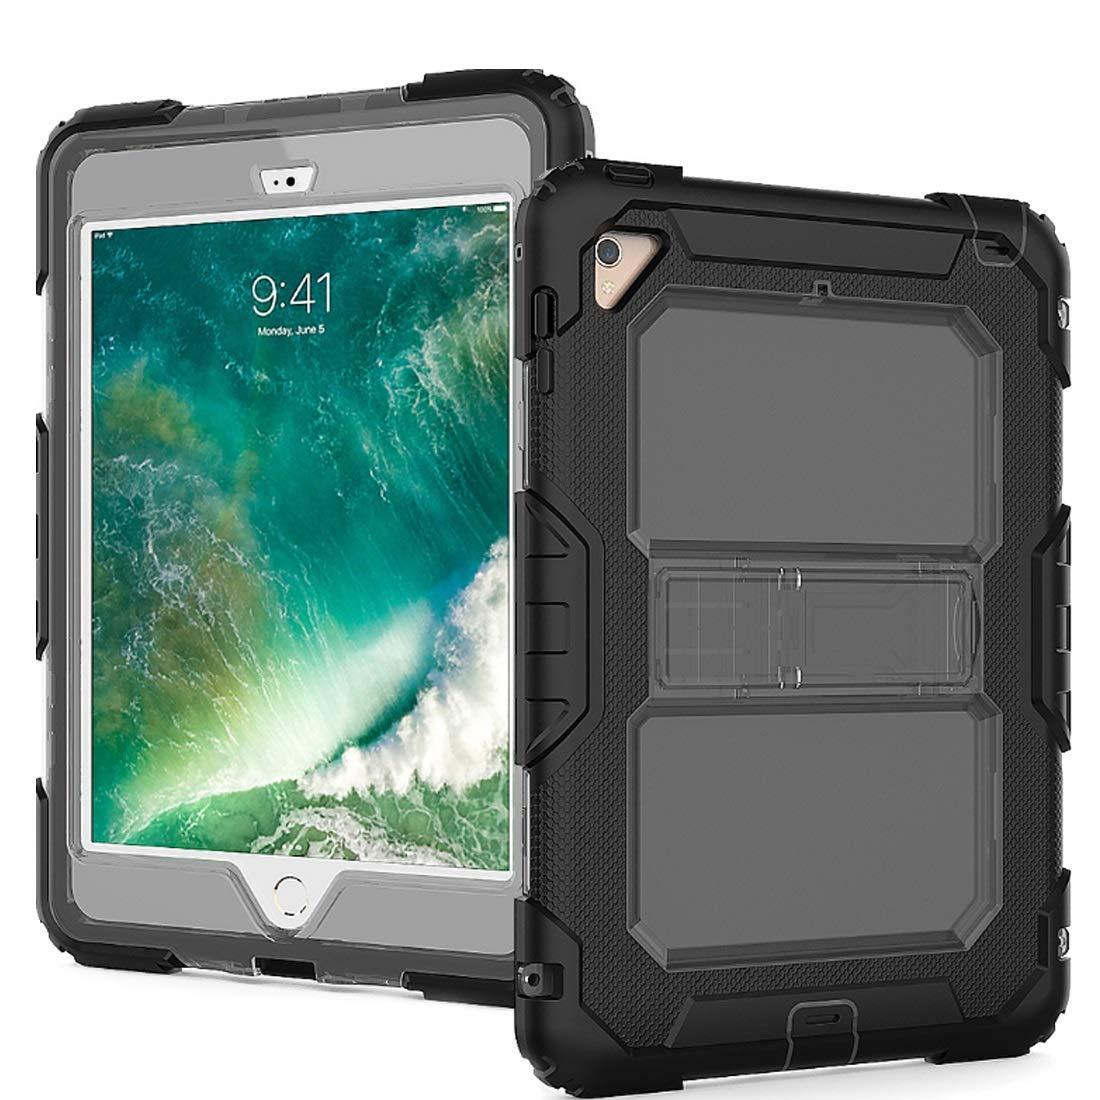 人気が高い KRPENRIO KRPENRIO iPad B07L8BPDM9 9.7ケース 2018/2017 iPad Mini対応 高耐久 フルボディ mini123) 頑丈 保護ケース 内蔵スクリーンプロテクター付き (カラー:グレー サイズ:iPad mini123) B07L8BPDM9, 帽子屋QUEENHEAD:f1901d39 --- a0267596.xsph.ru